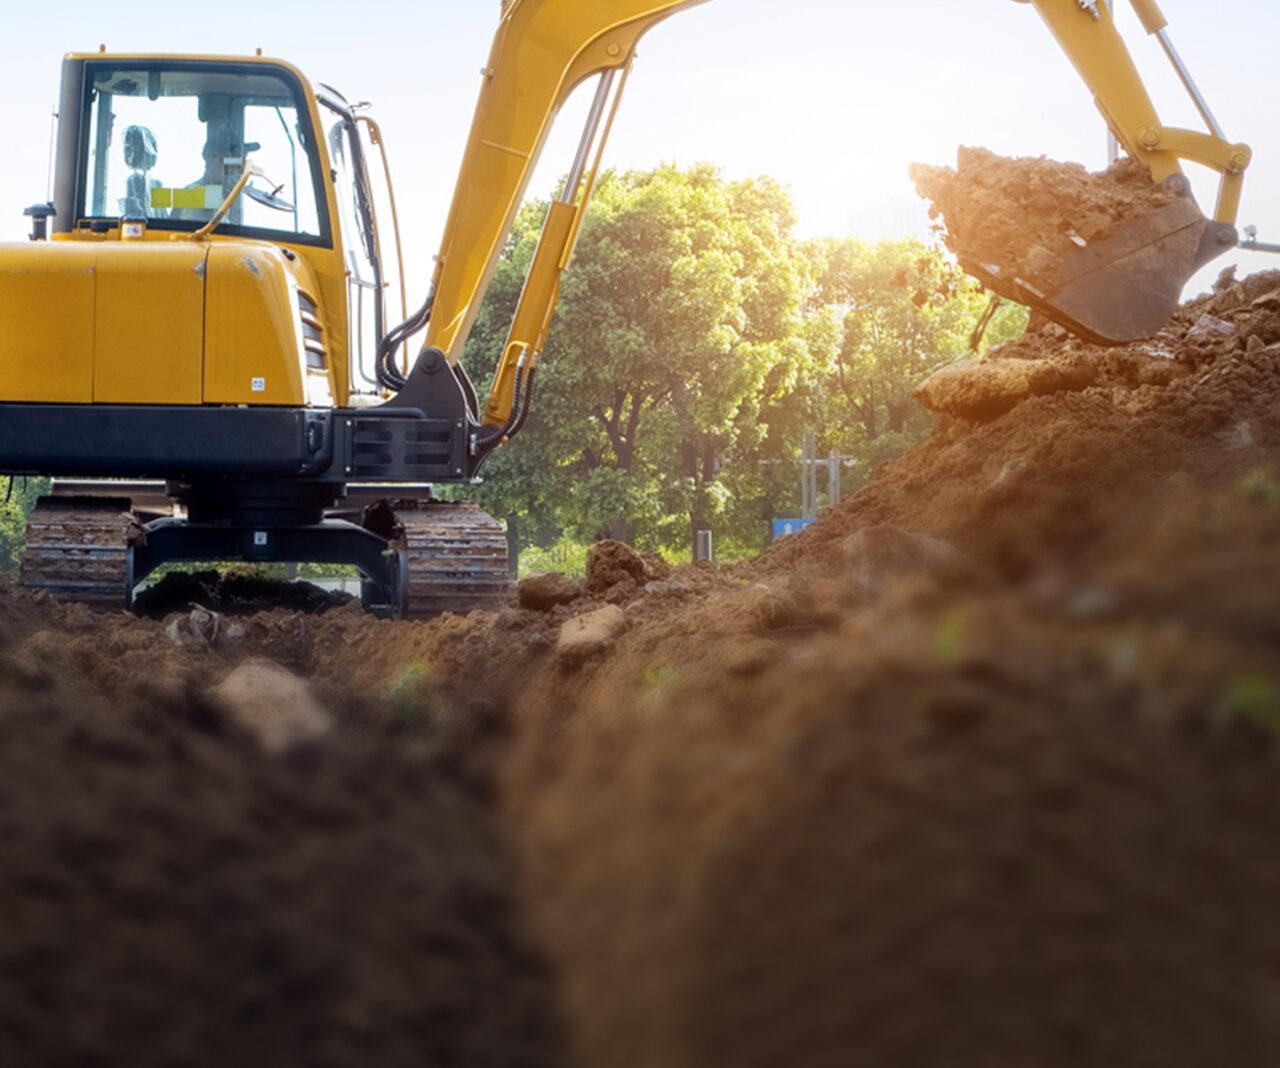 En gul grävmaskin gräver i marken och lägger massorna i en hög